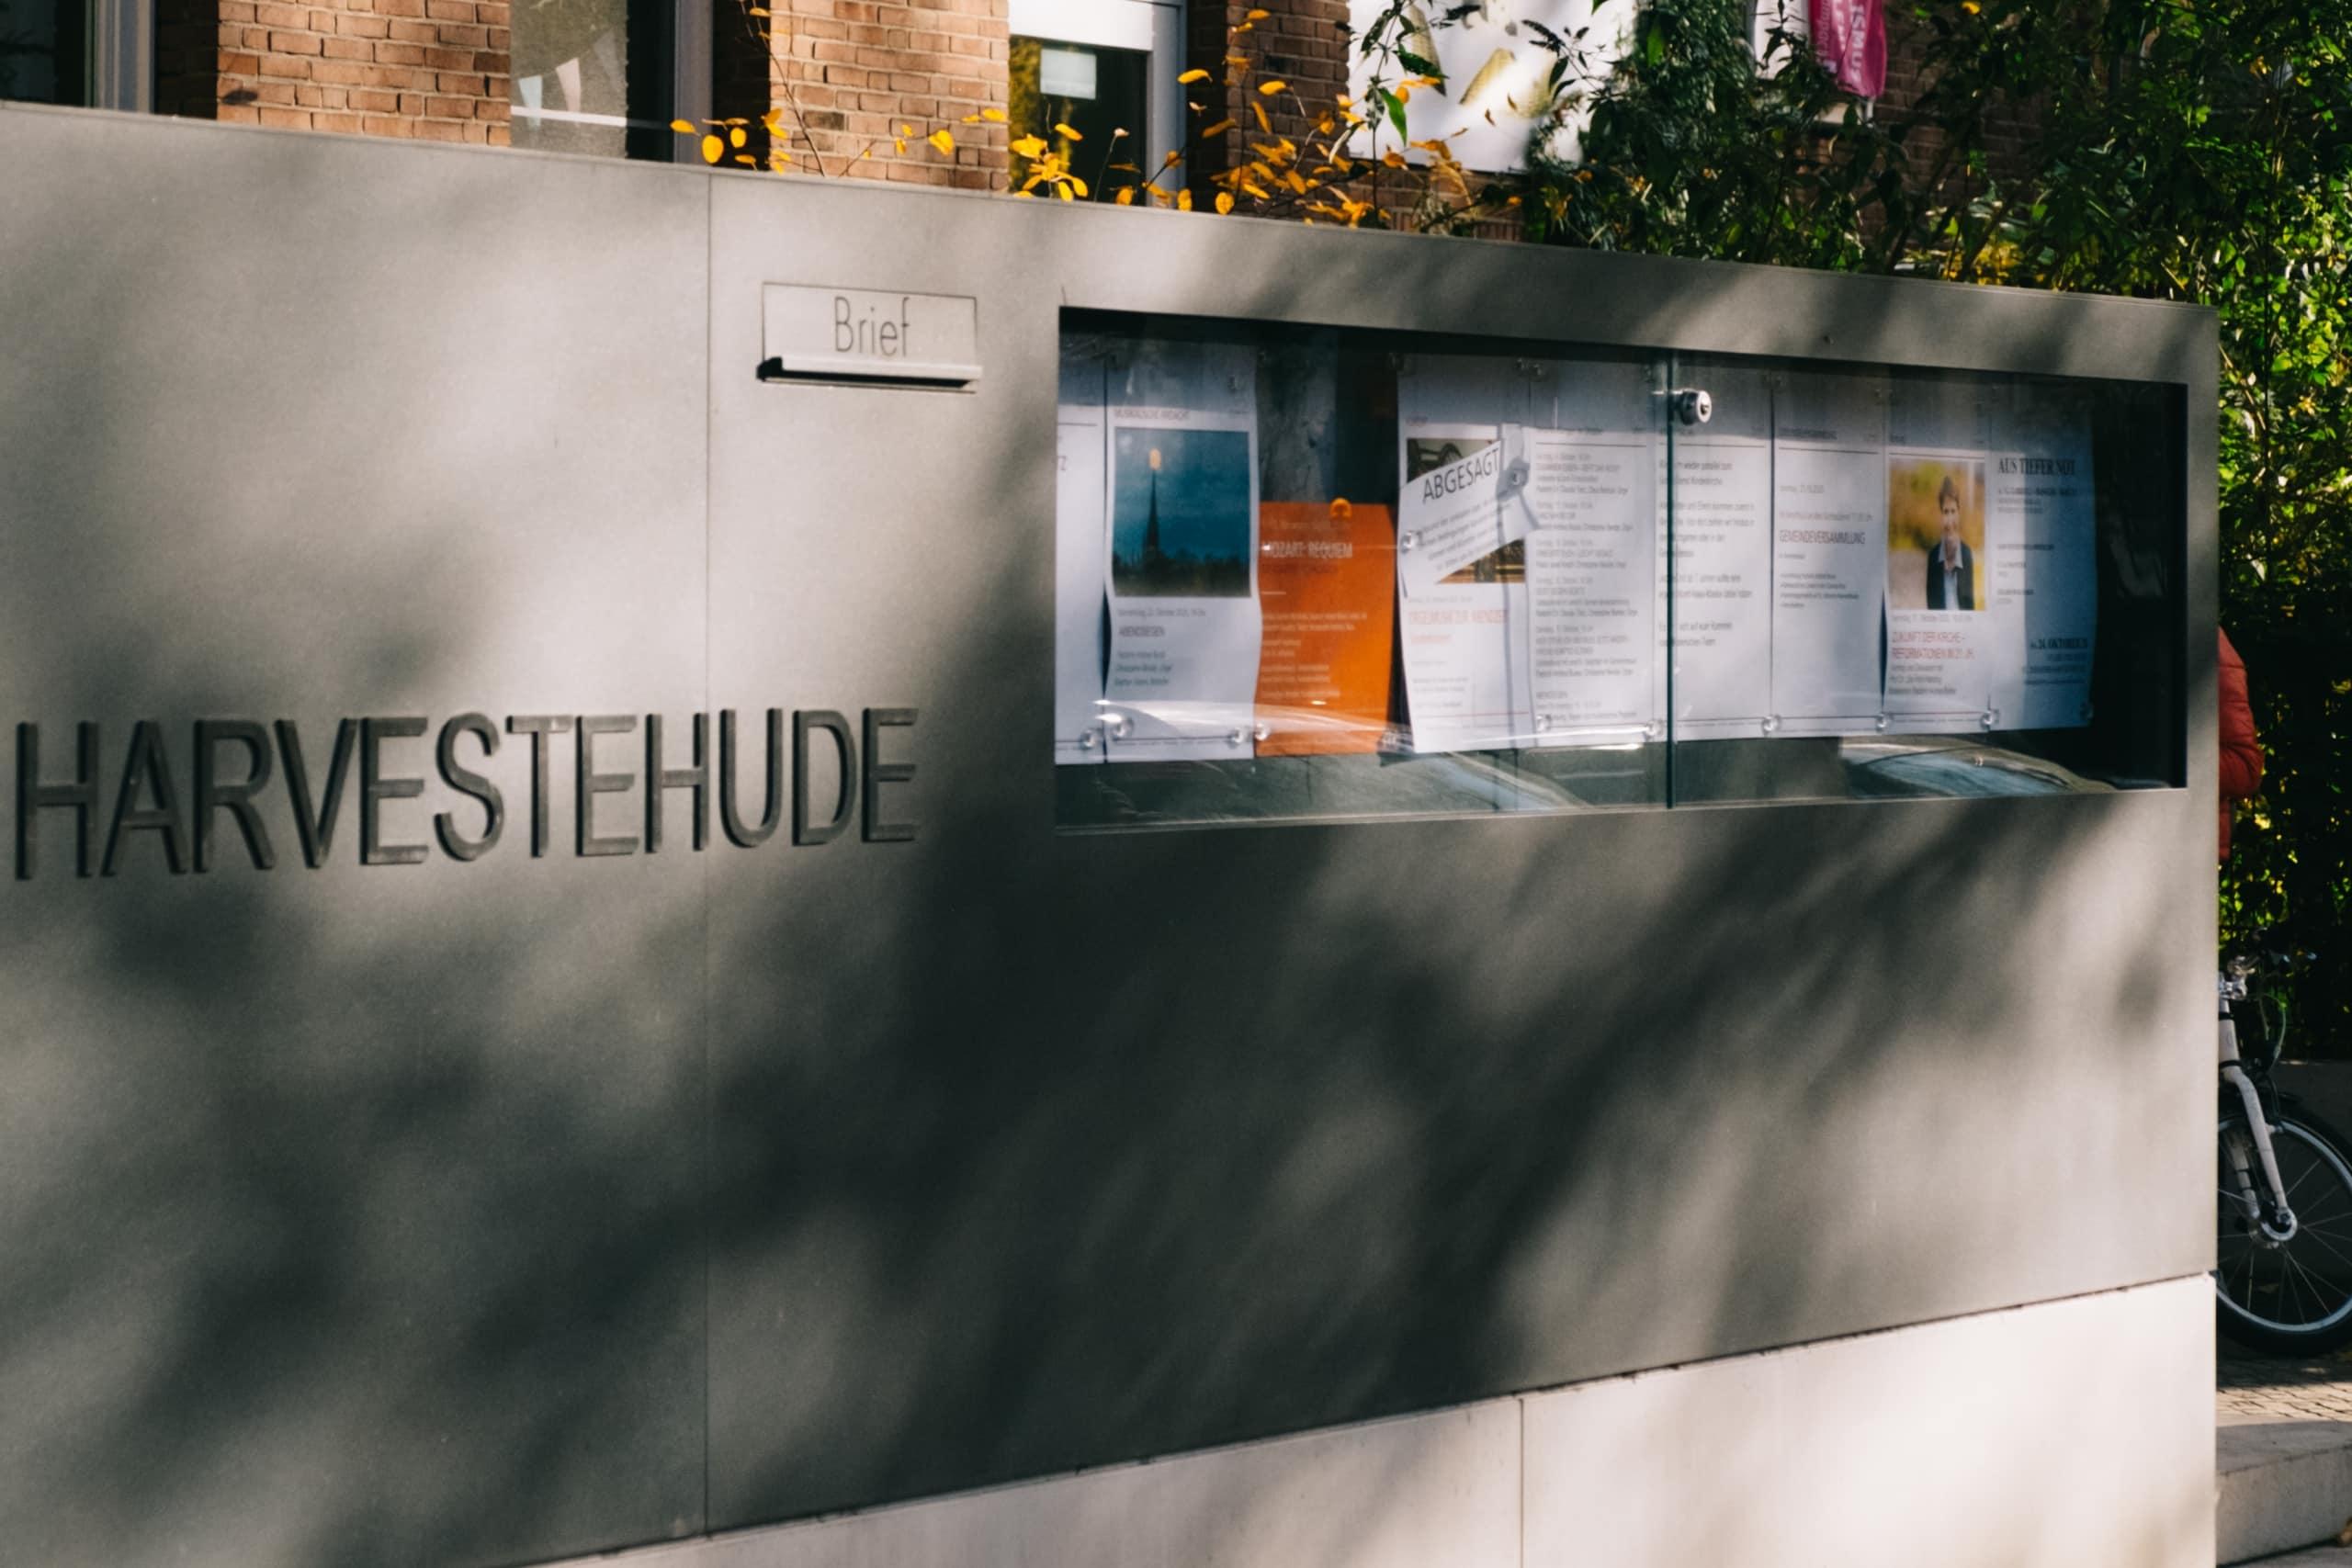 Kirche St. Johannis Harvestehude, Hamburg – Gesprächskreise